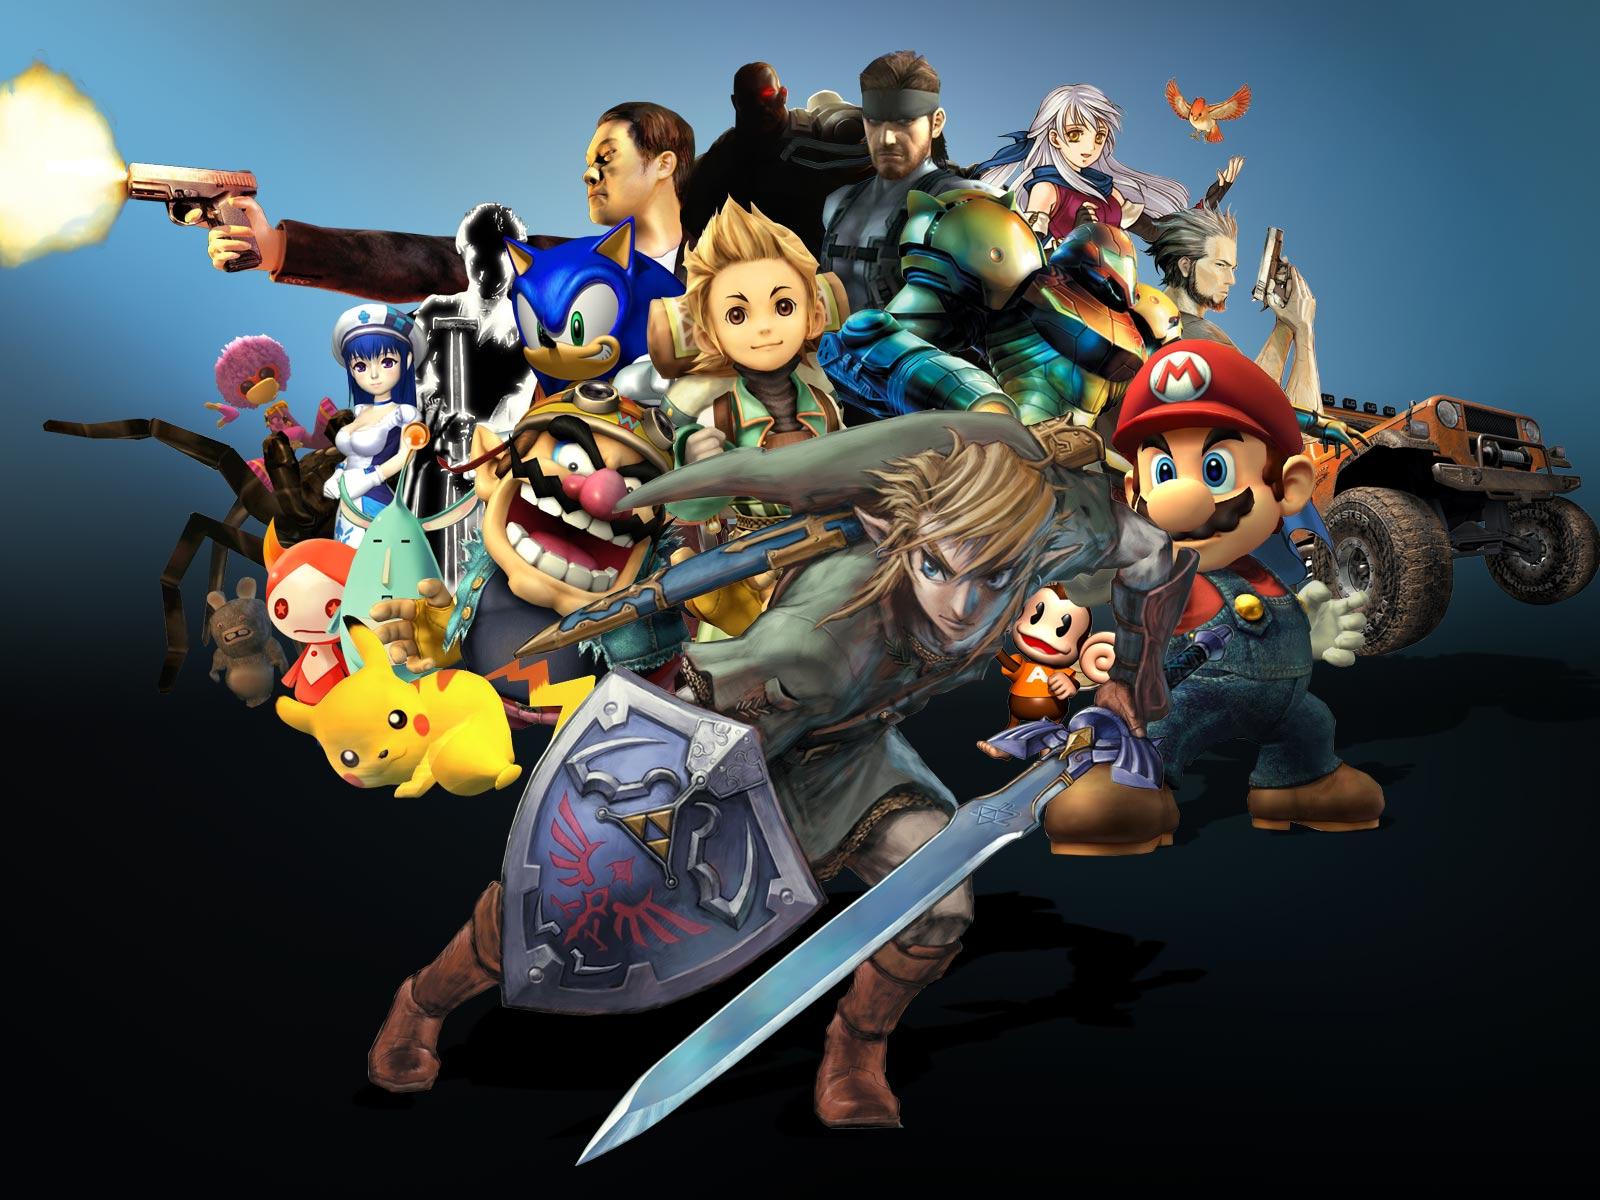 http://1.bp.blogspot.com/_nEmB3Z5F5EM/S6w8NQDtMgI/AAAAAAAAIIY/DagVR7RfOF4/s1600/Wii_Games.jpg